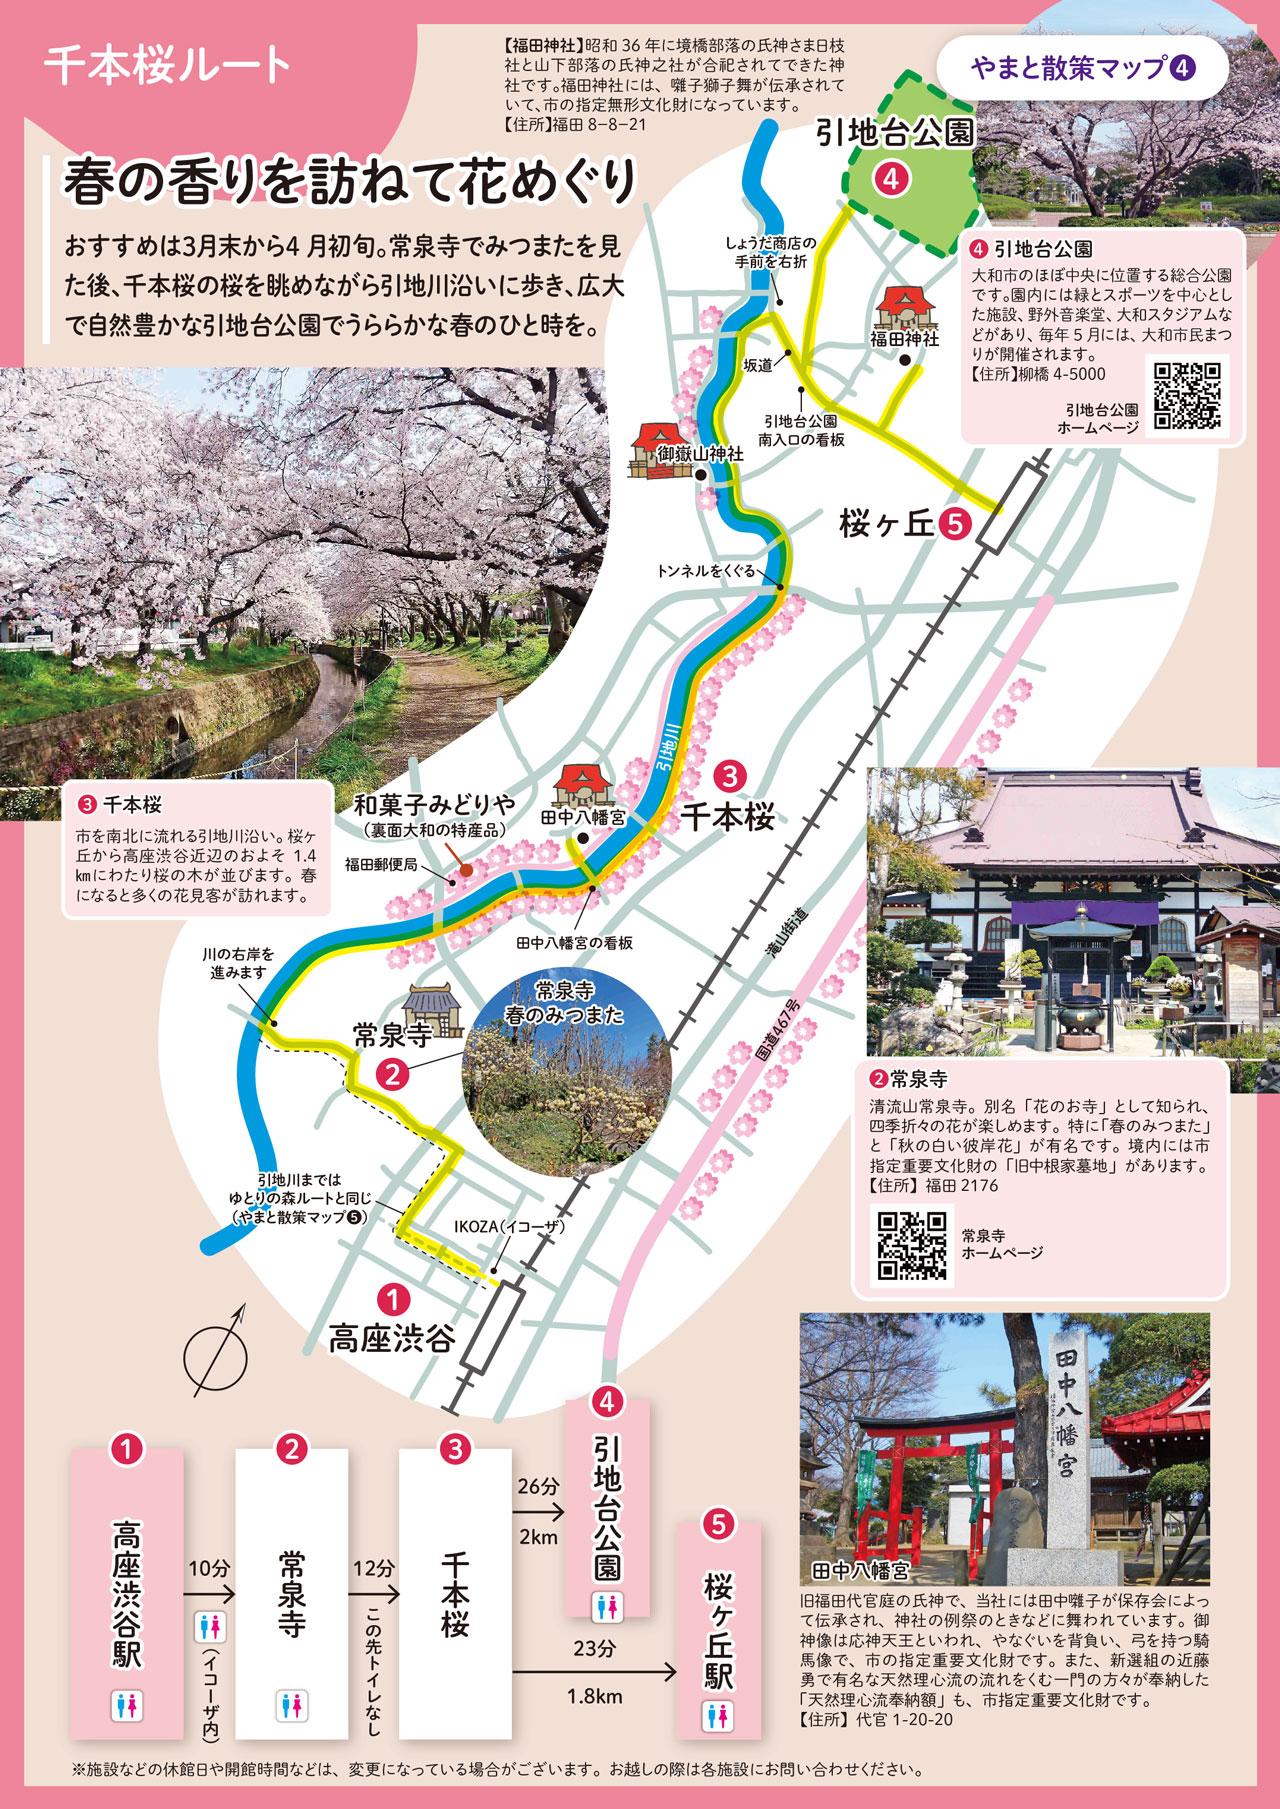 千本桜ルート